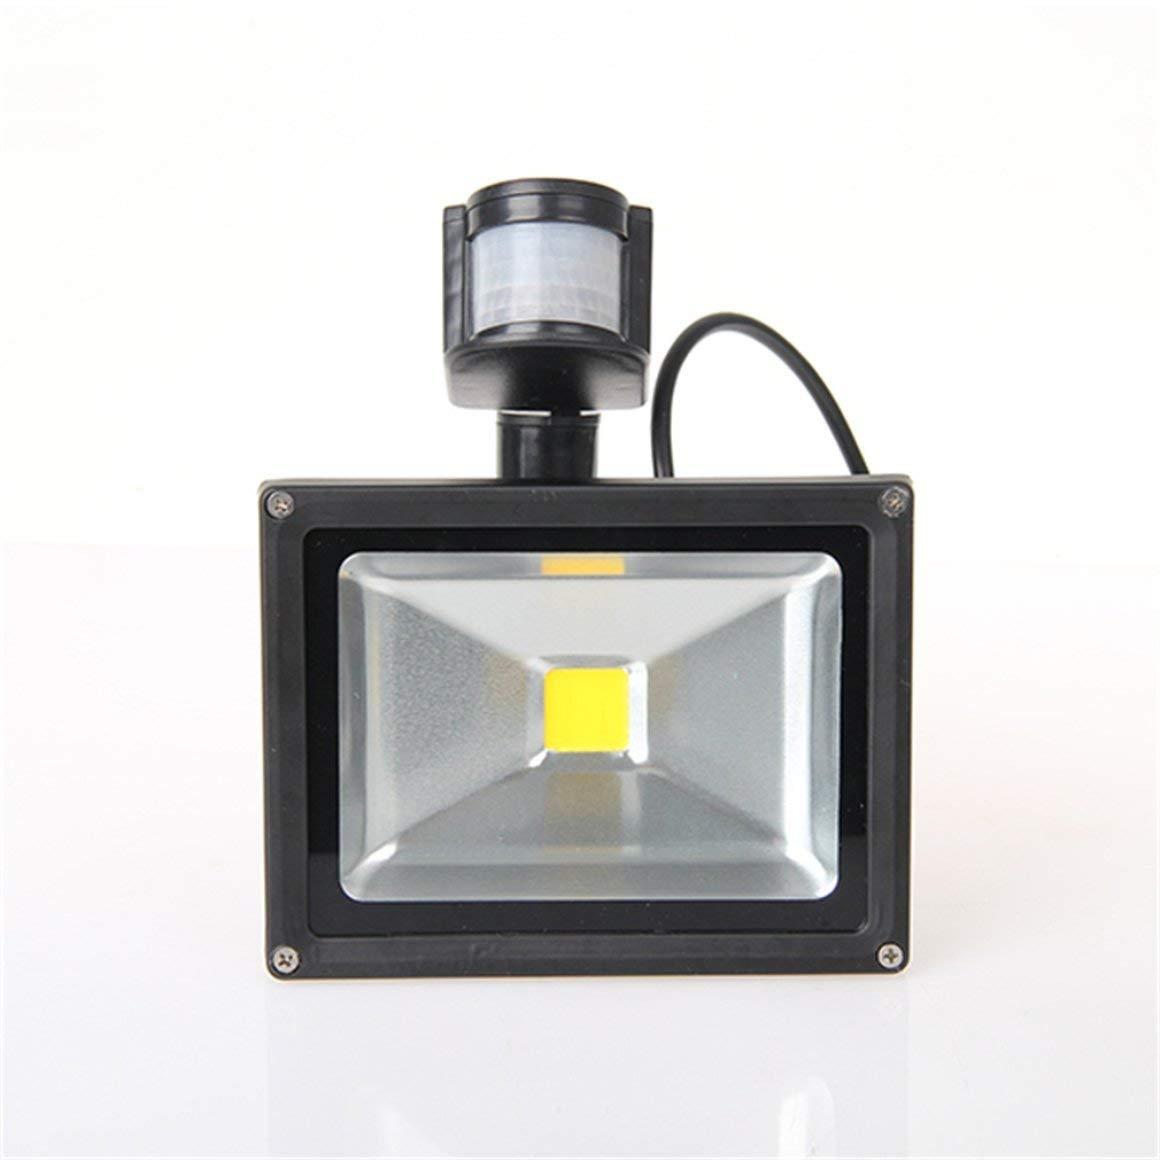 Funnyrunstore 10   20W LED proiettore di sicurezza di PIR sensore di movimento esterno della luce di inondazione IP65,bianca